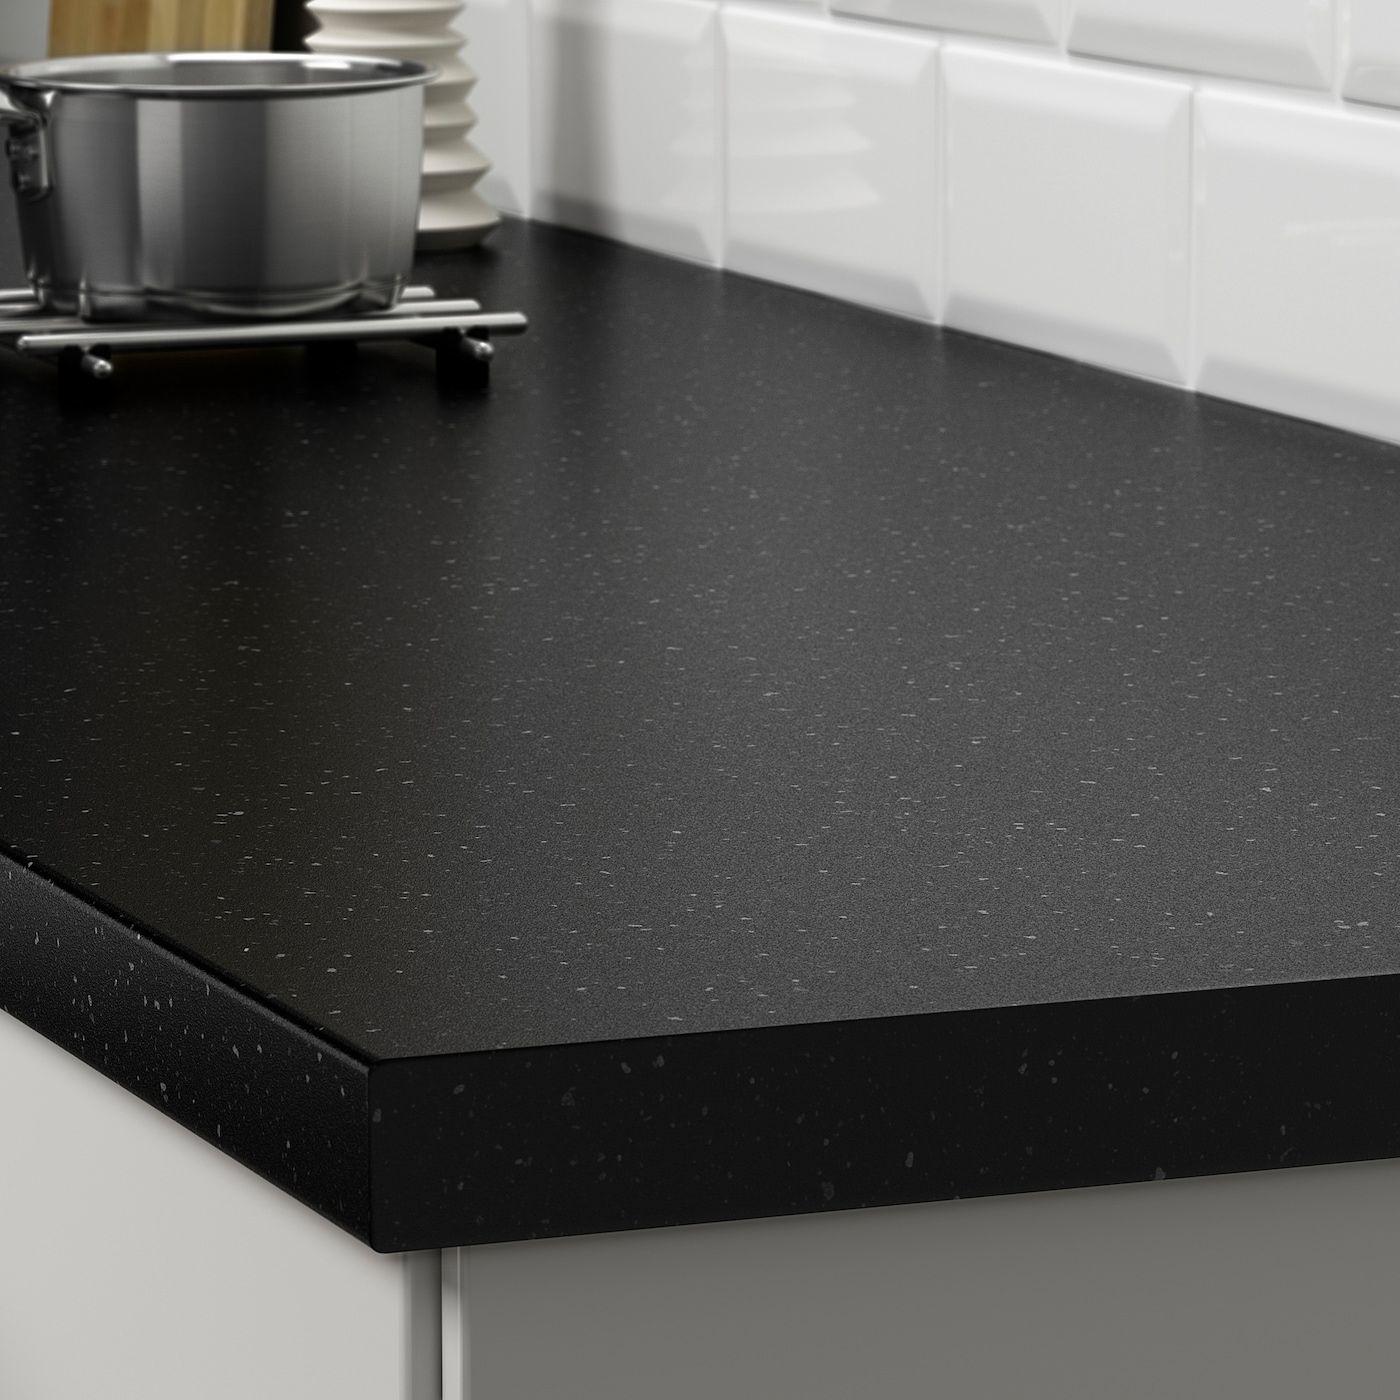 SÄljan Countertop Black Mineral Effect Laminate Ikea Canada Ikea Arbeitsplatte Schwarz Arbeitsplatte Laminat